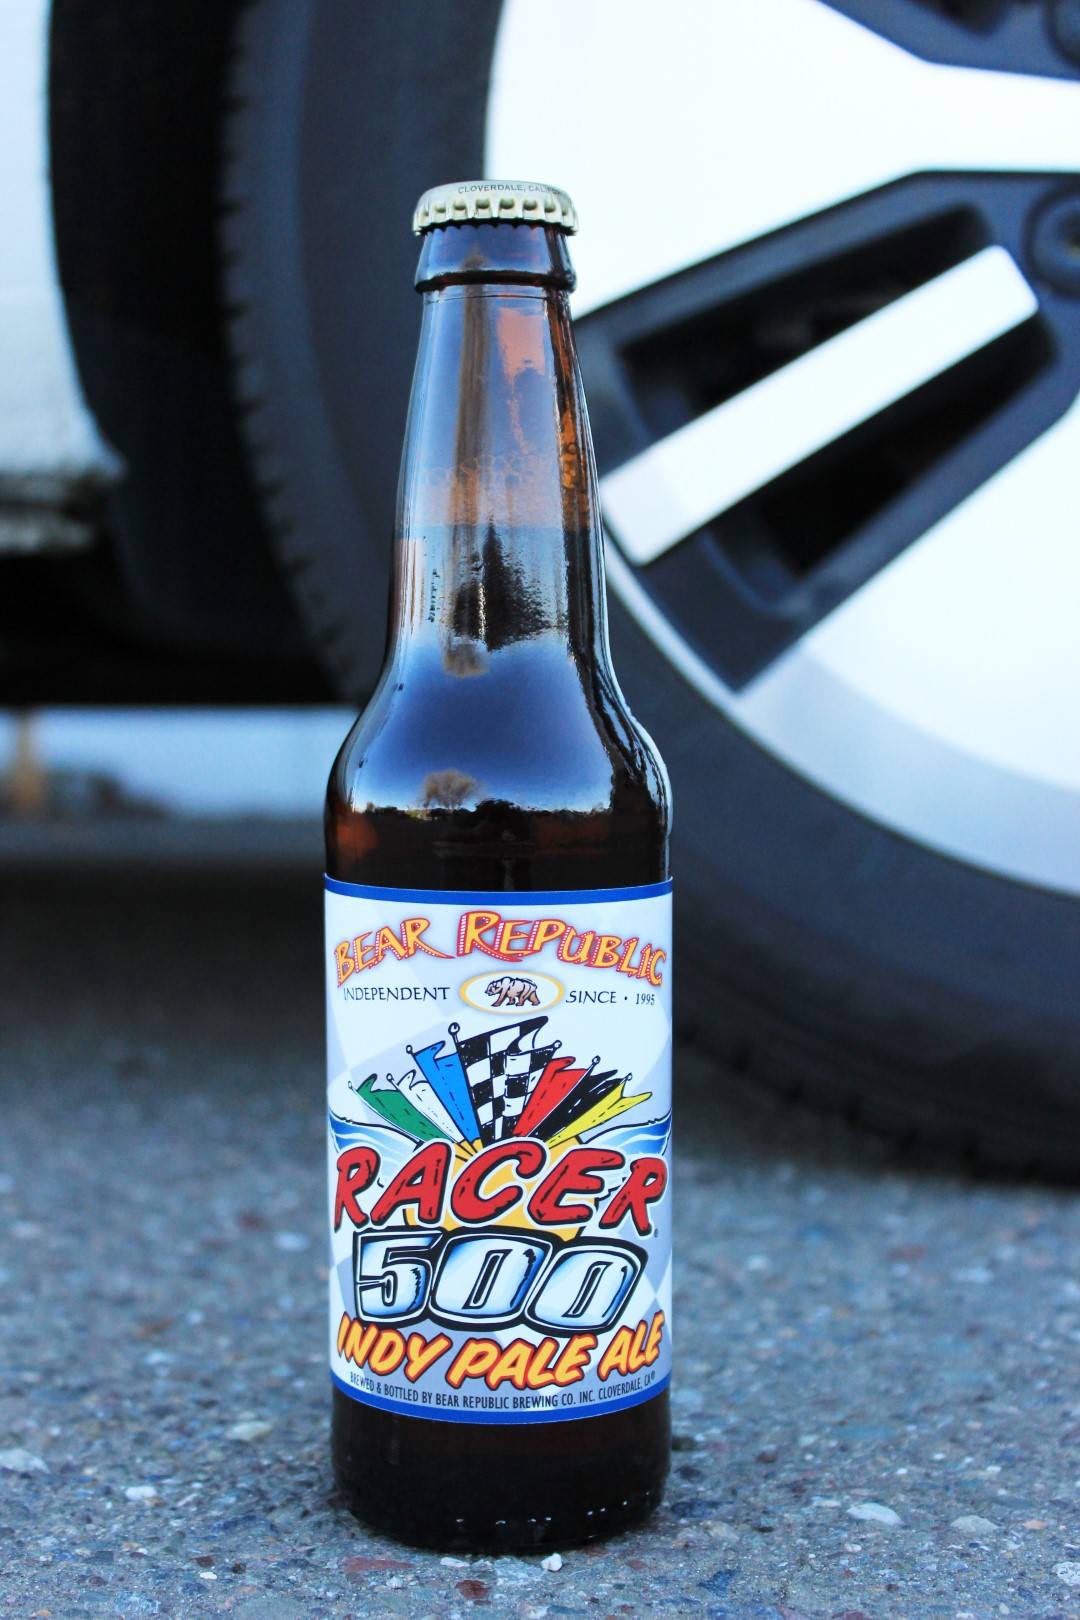 Bear Republic Racer 500 Indy Pale Ale